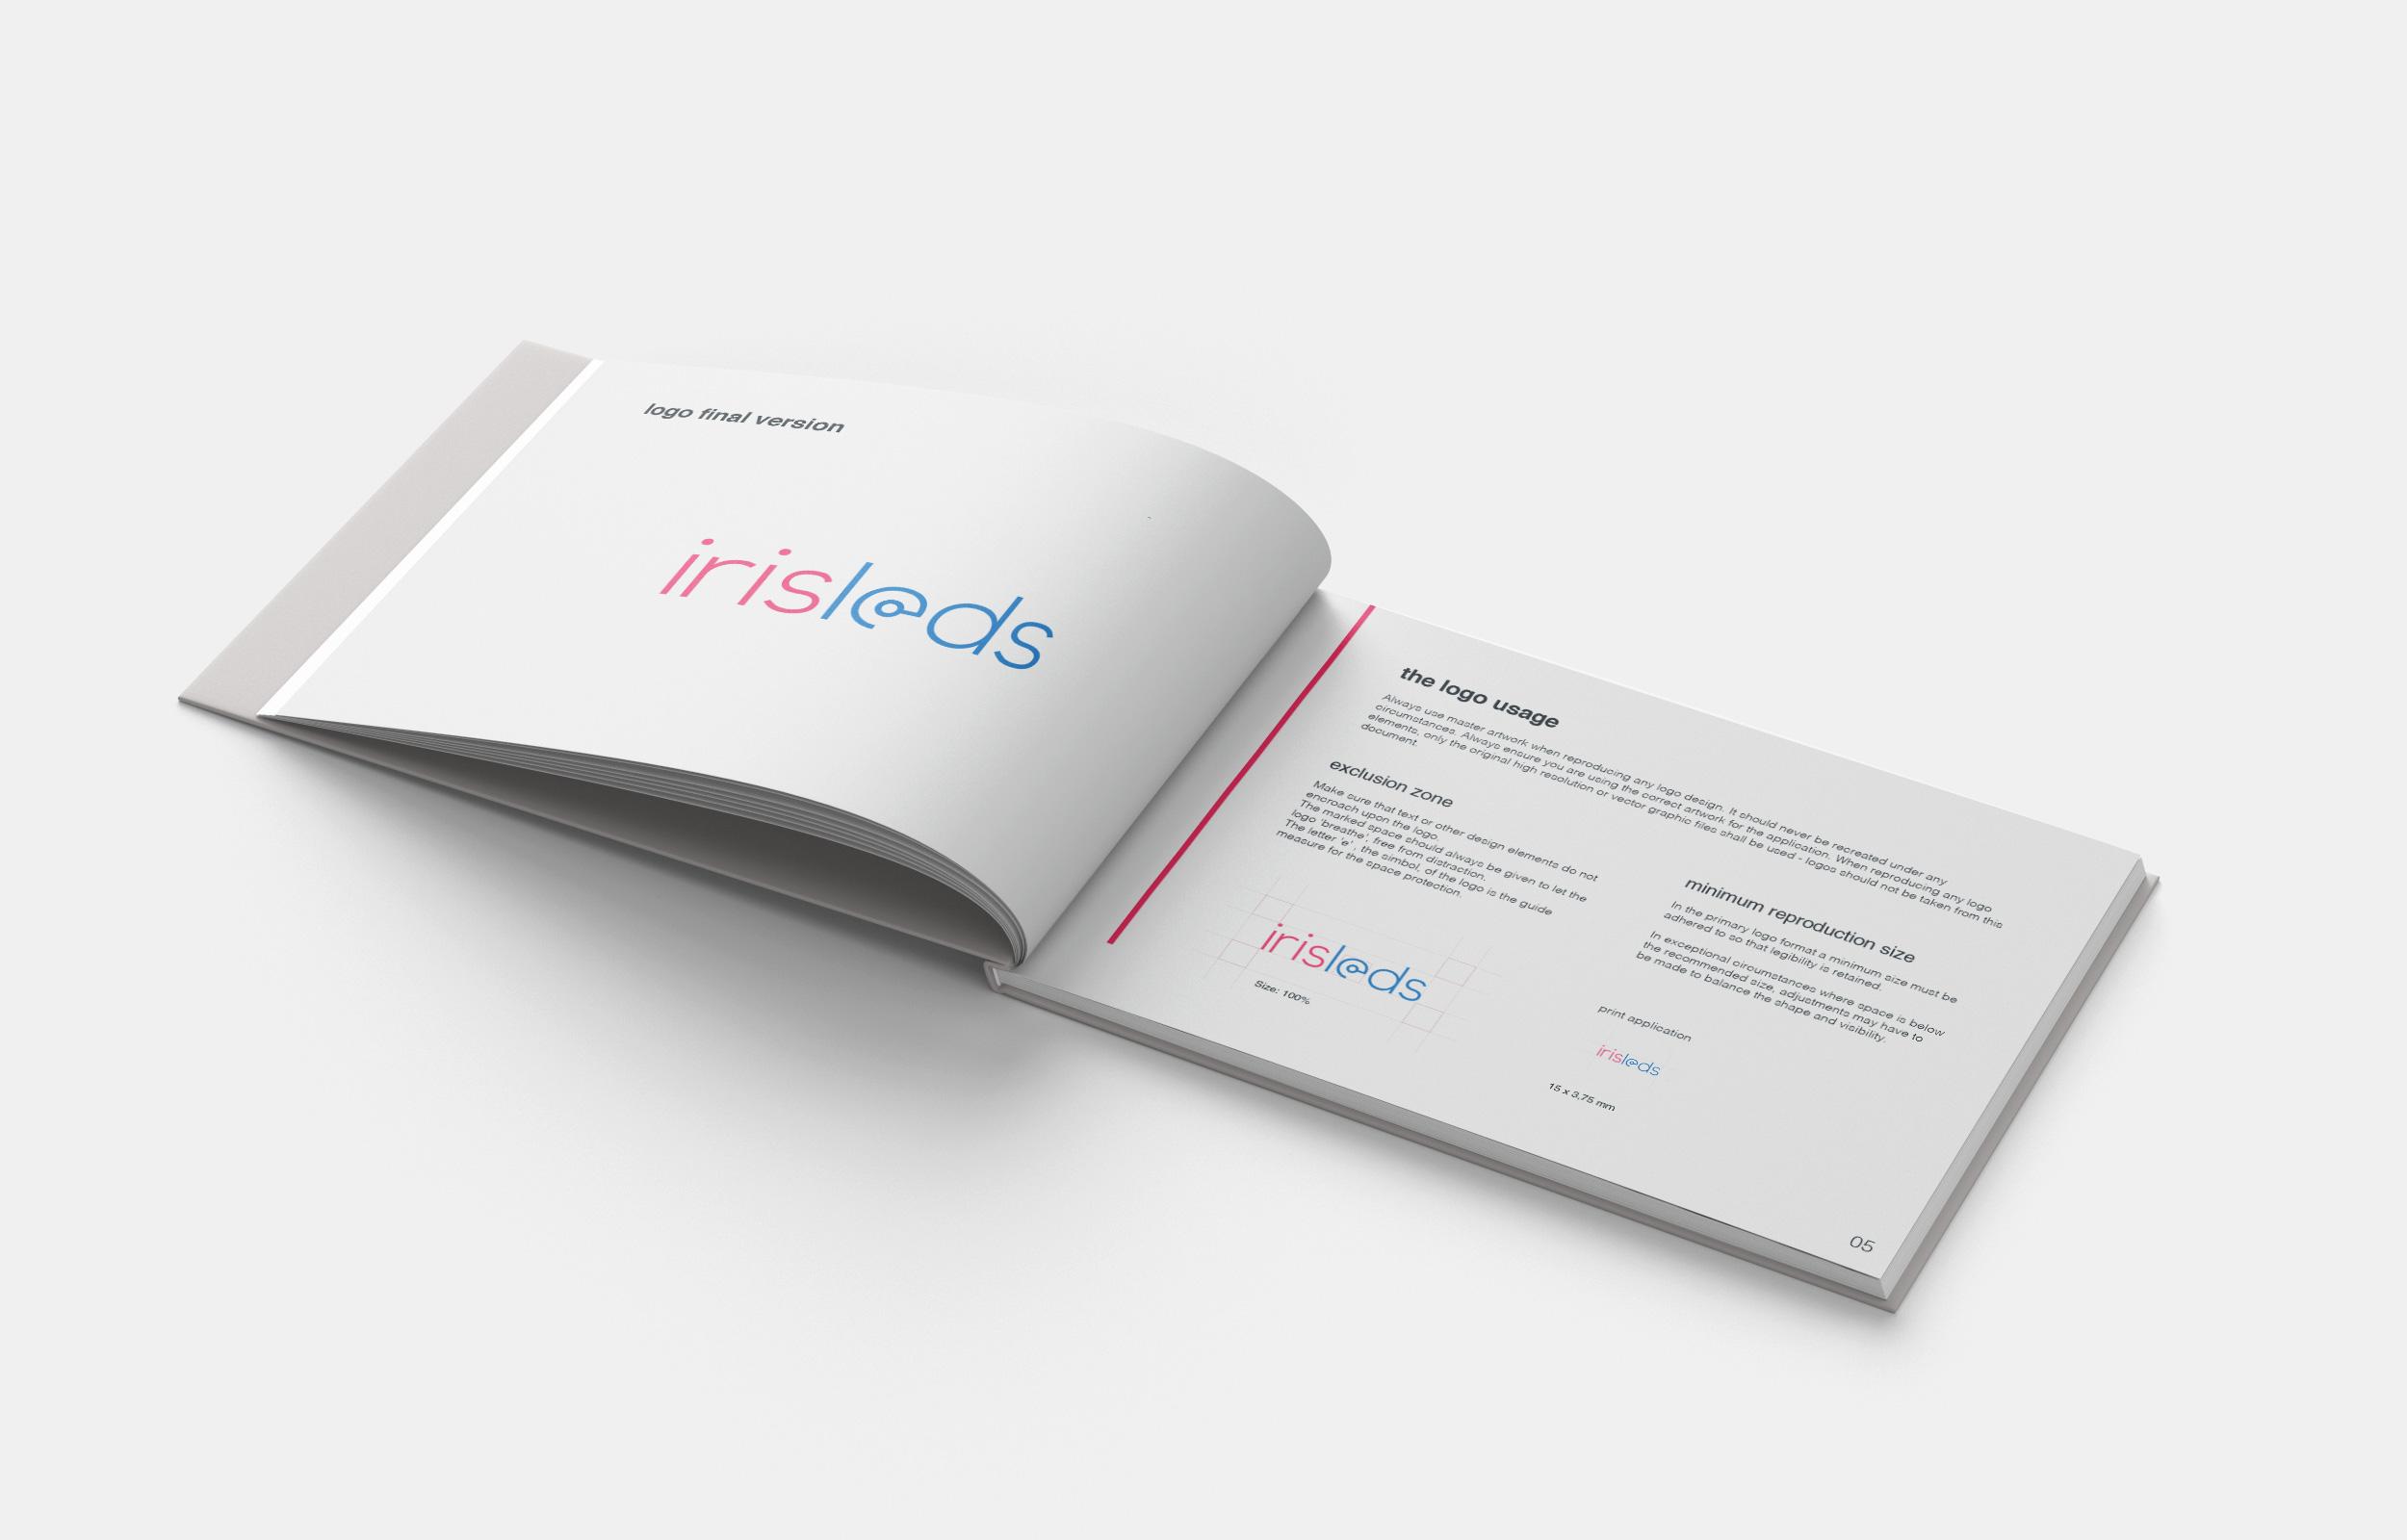 Horizontal_Book_Iris-Leds-3